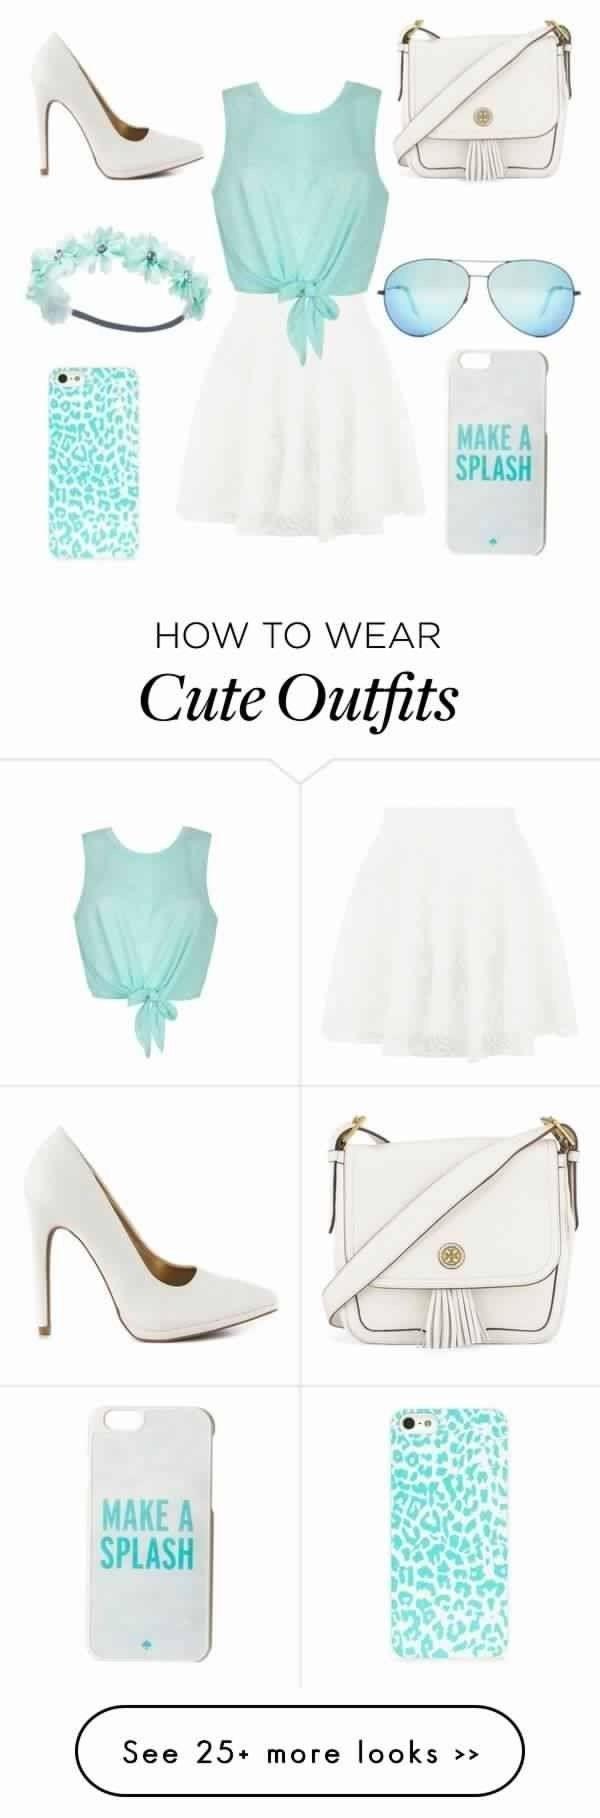 Teen Kleidung. Finden Sie die beliebtesten, direkt von der Laufbahn, Modetrends, Supers